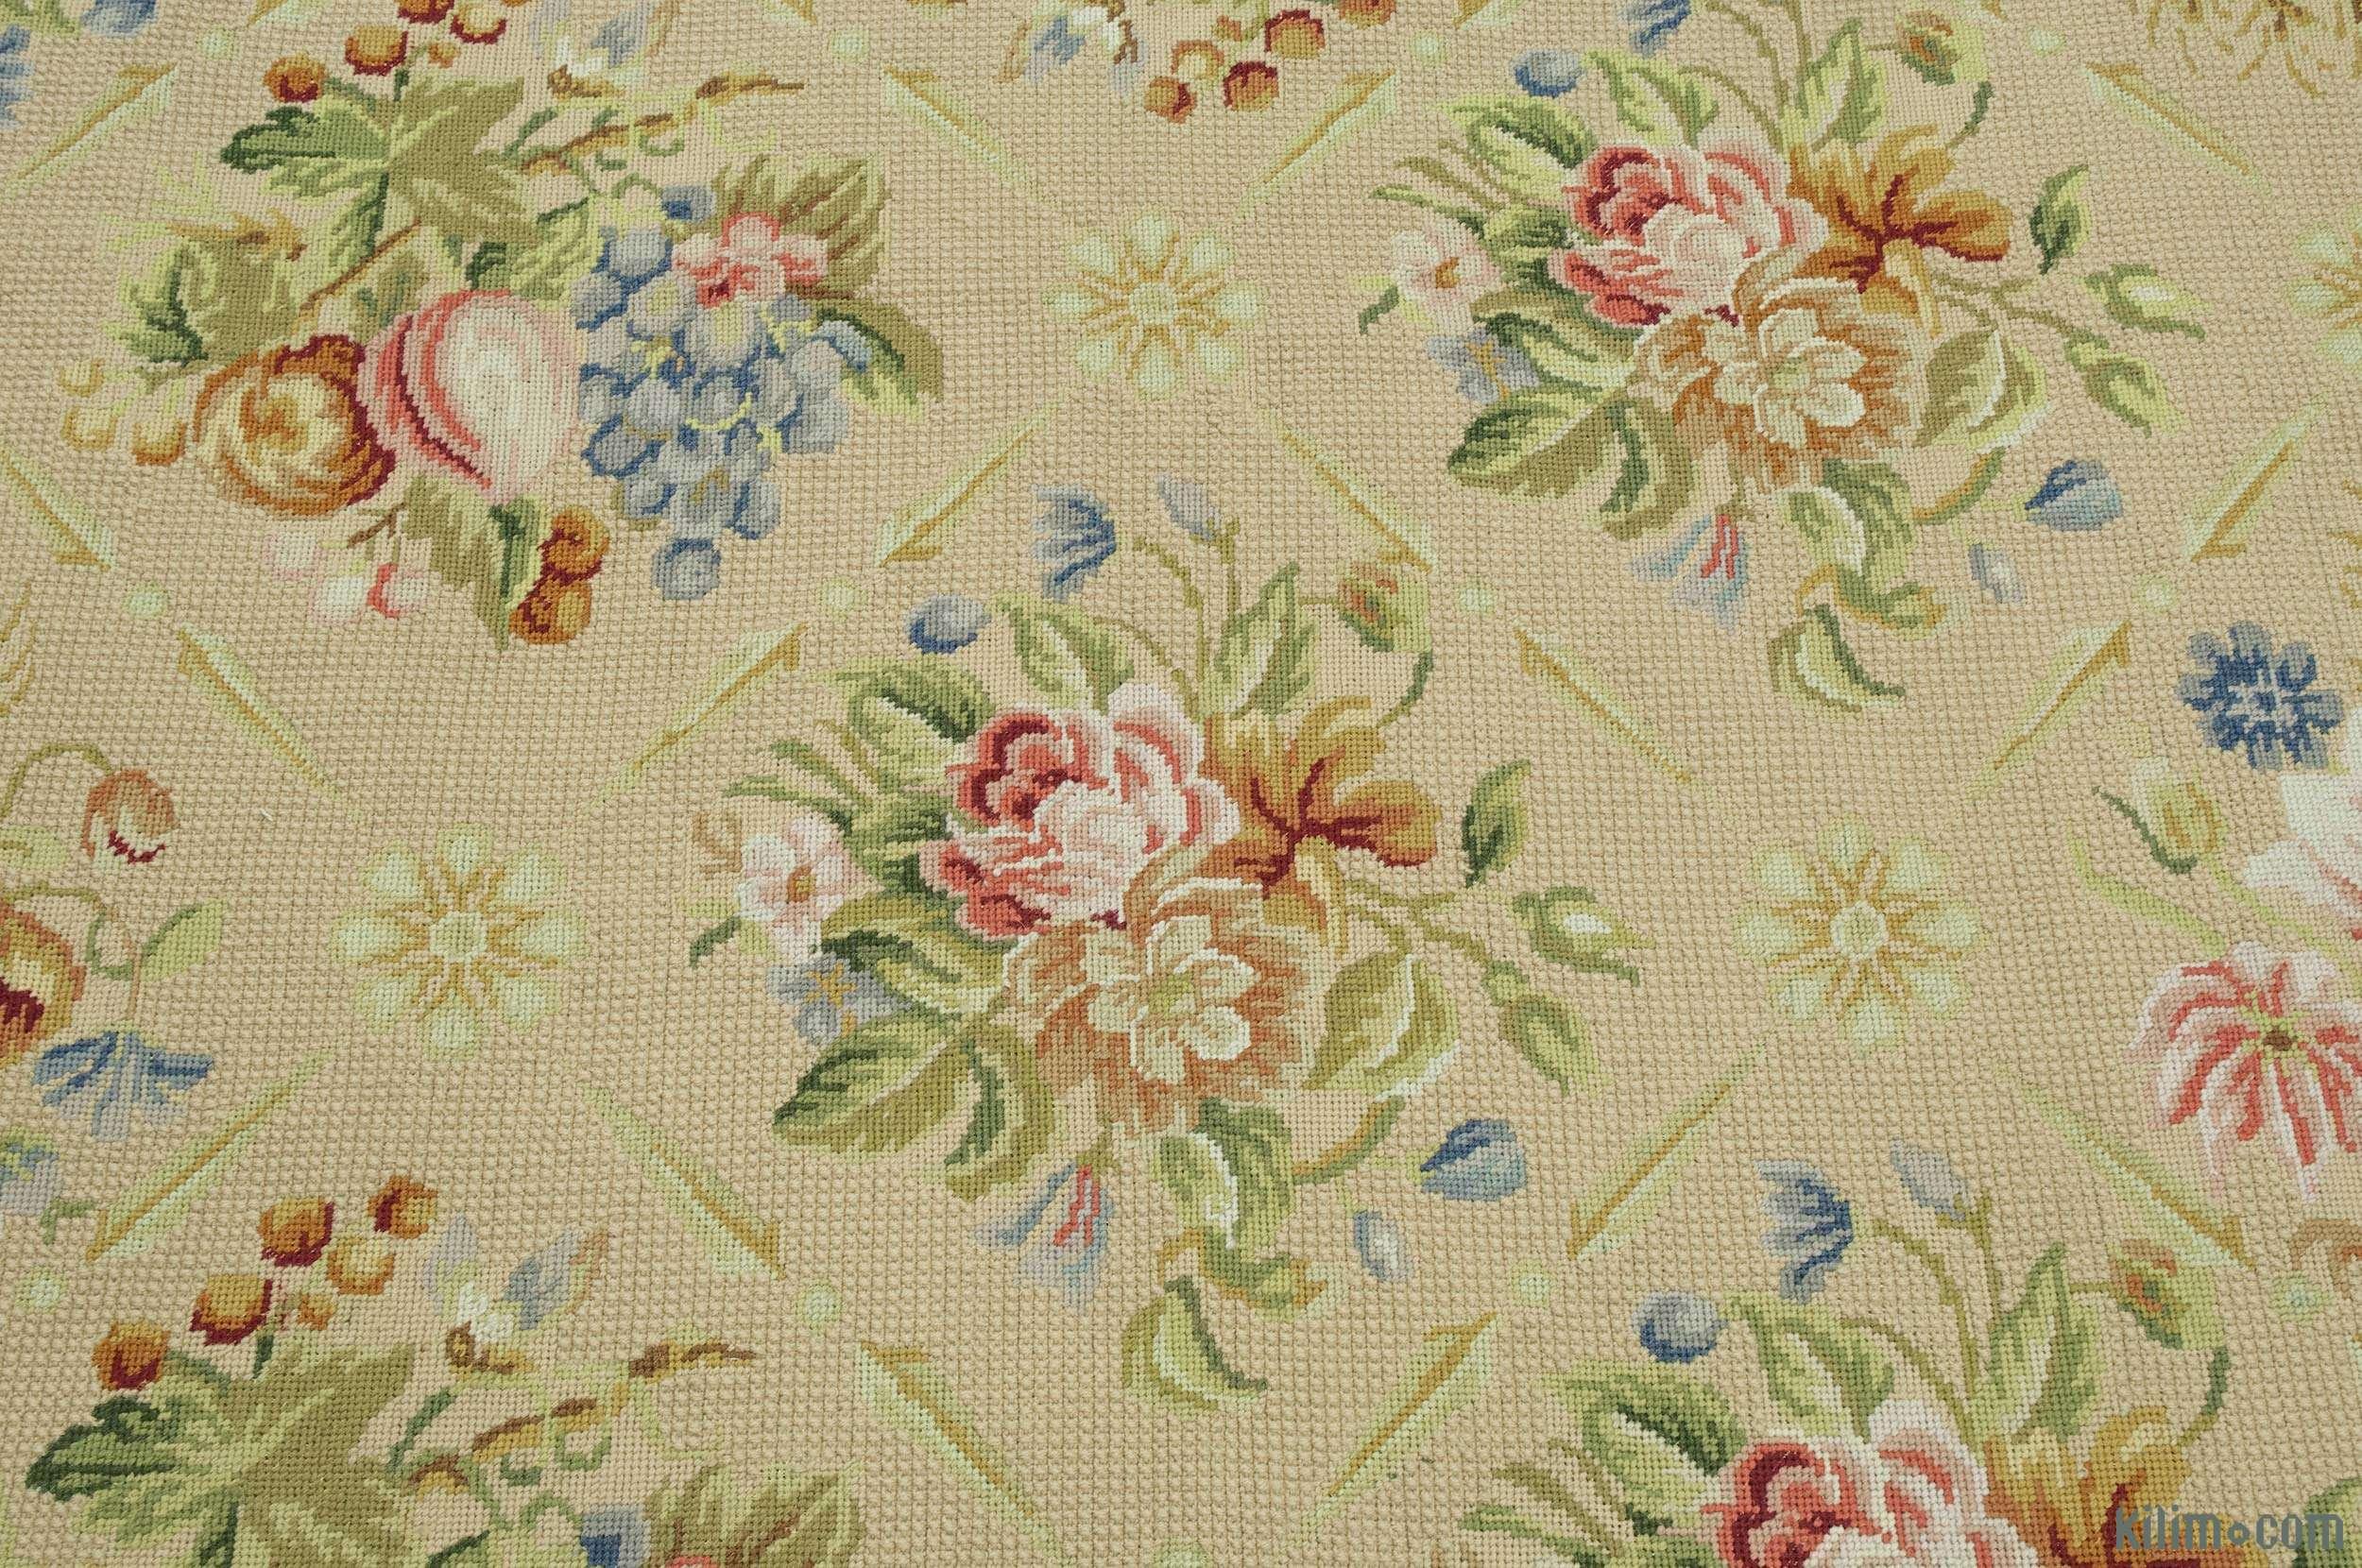 Carpet cleaning receipt joy studio design gallery best design - Coit Carpet Cleaning Denver Needlepoint Carpets Whole Carpet Vidalondon